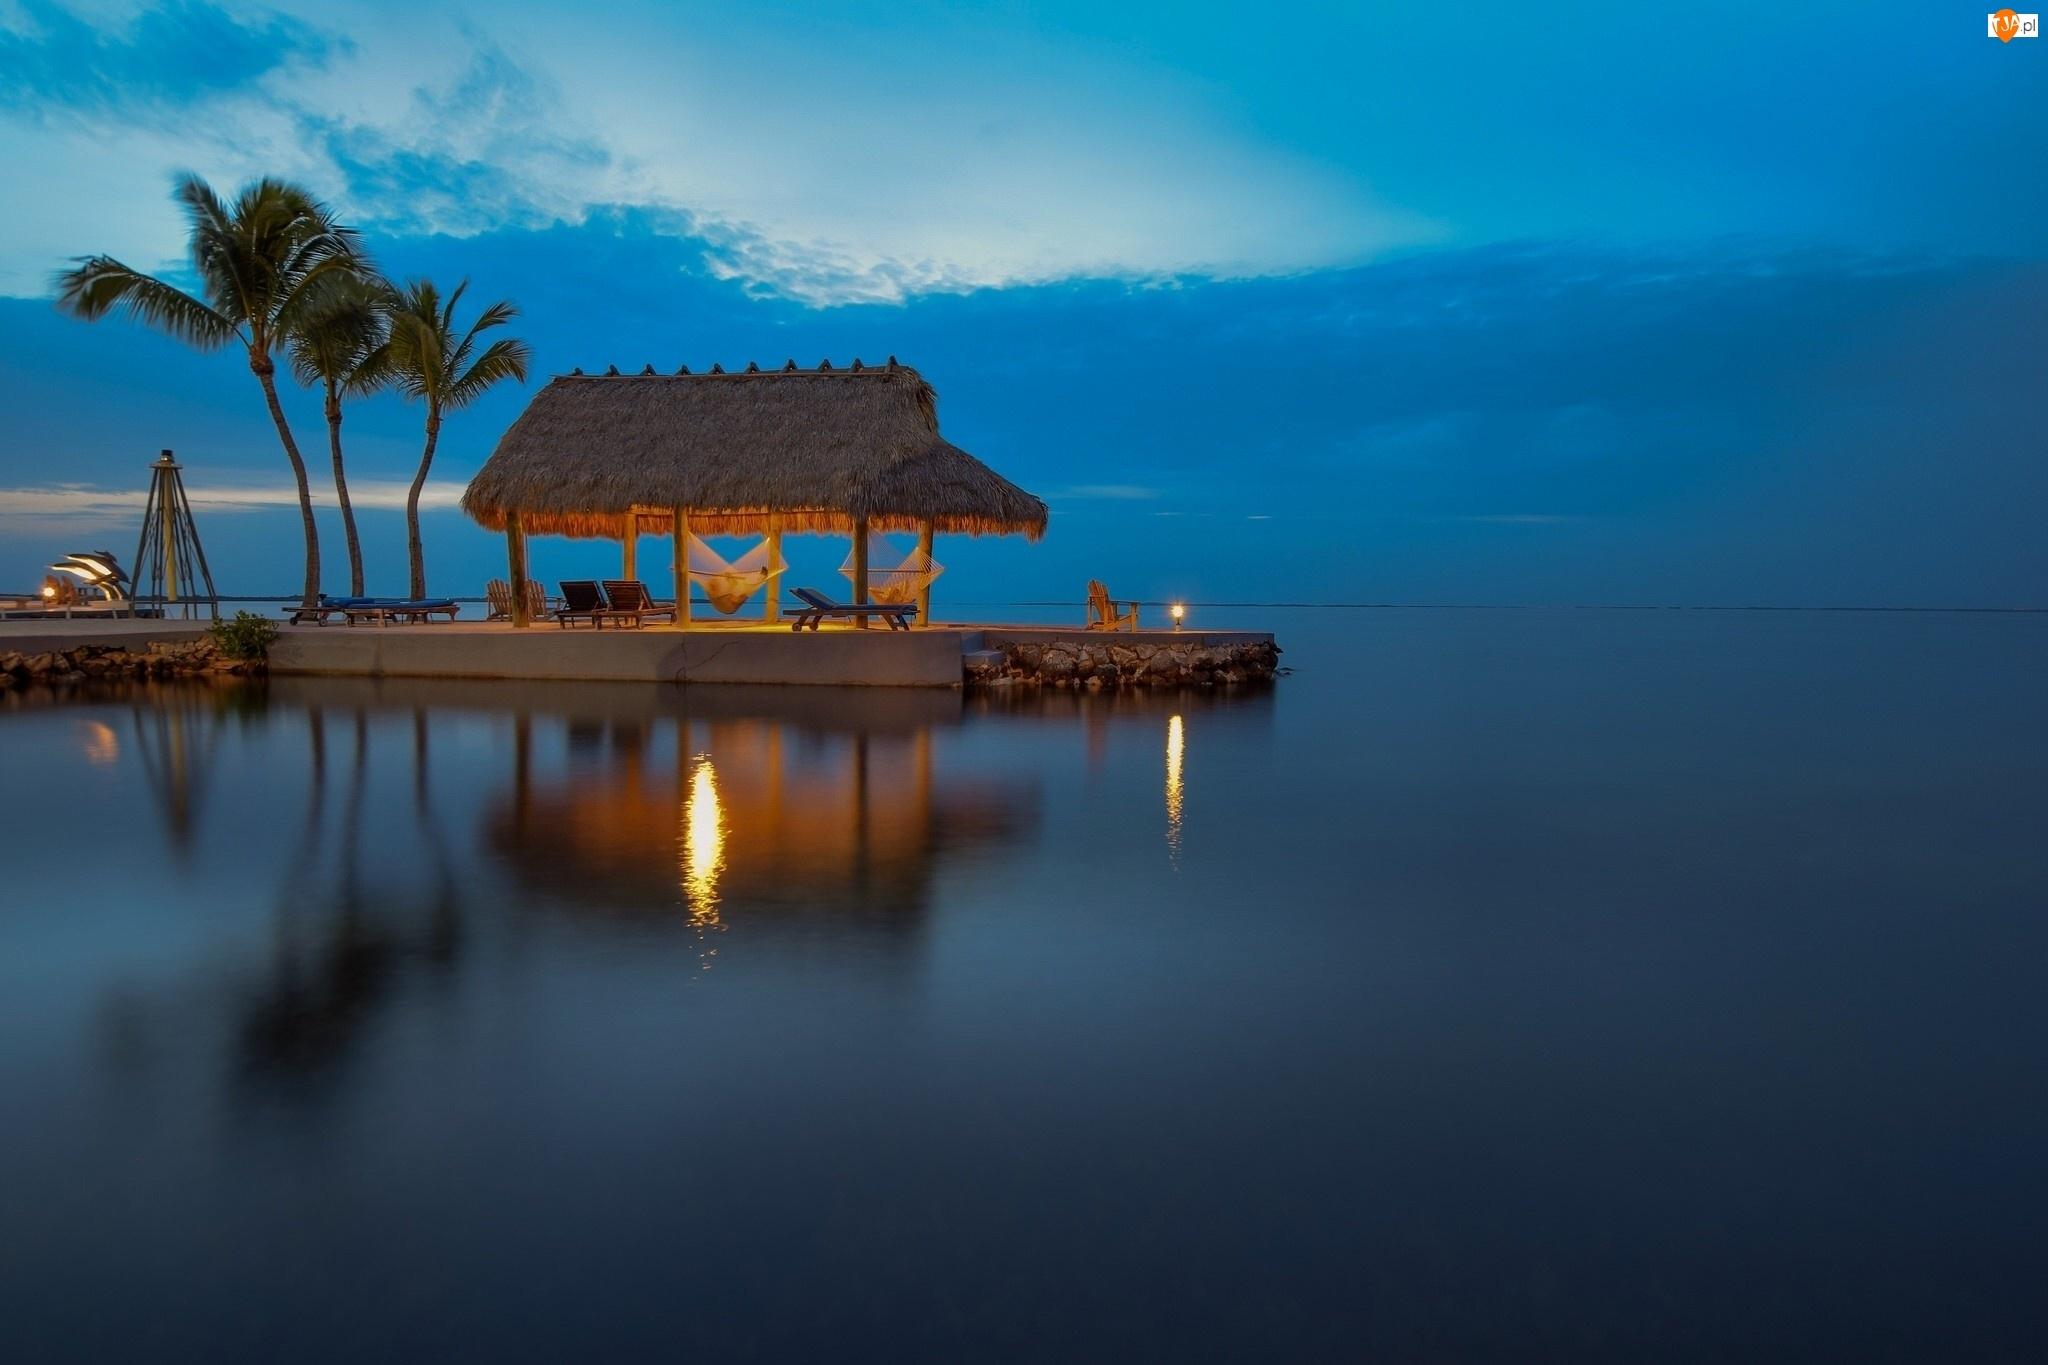 Palmy, Kurort, Floryda, Stany Zjednoczone, Wakacje, Wyspa Key Largo, Morze